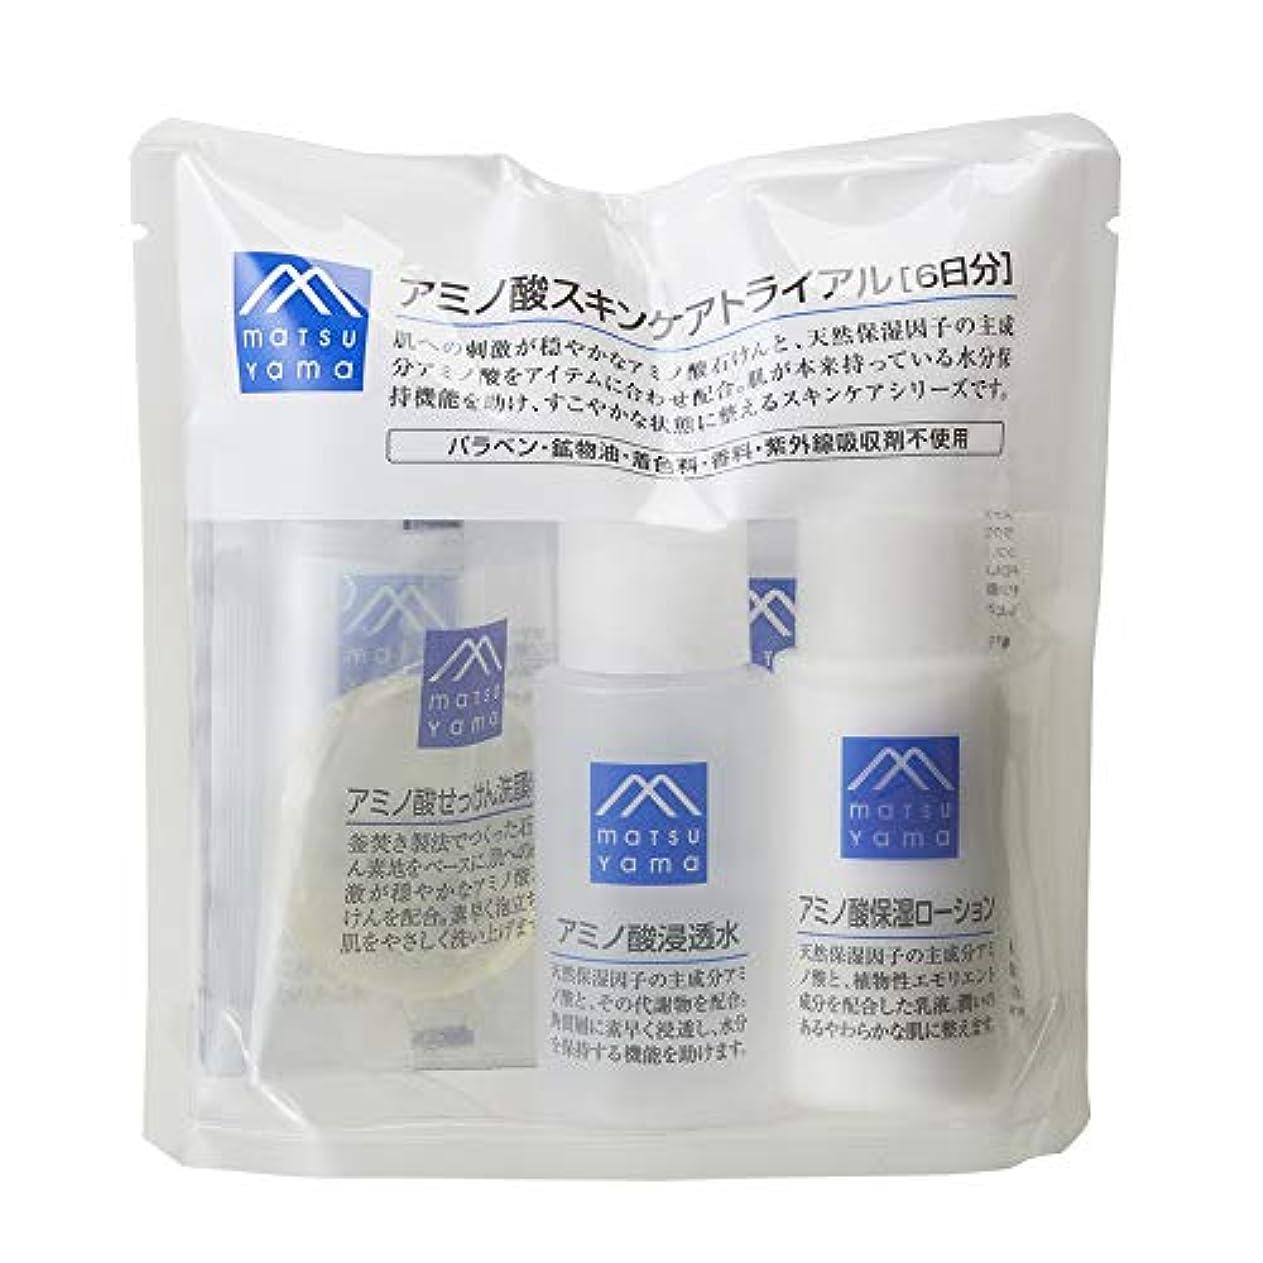 誰めったに条約Mマーク(M-mark) アミノ酸スキンケアトライアル セット アミノ酸せっけん洗顔料(枠練り石けん)標準重量12g×1個/アミノ酸せっけん洗顔フォーム(洗顔フォーム)2g×2包/アミノ酸浸透水(化粧水)30mL×1本/...